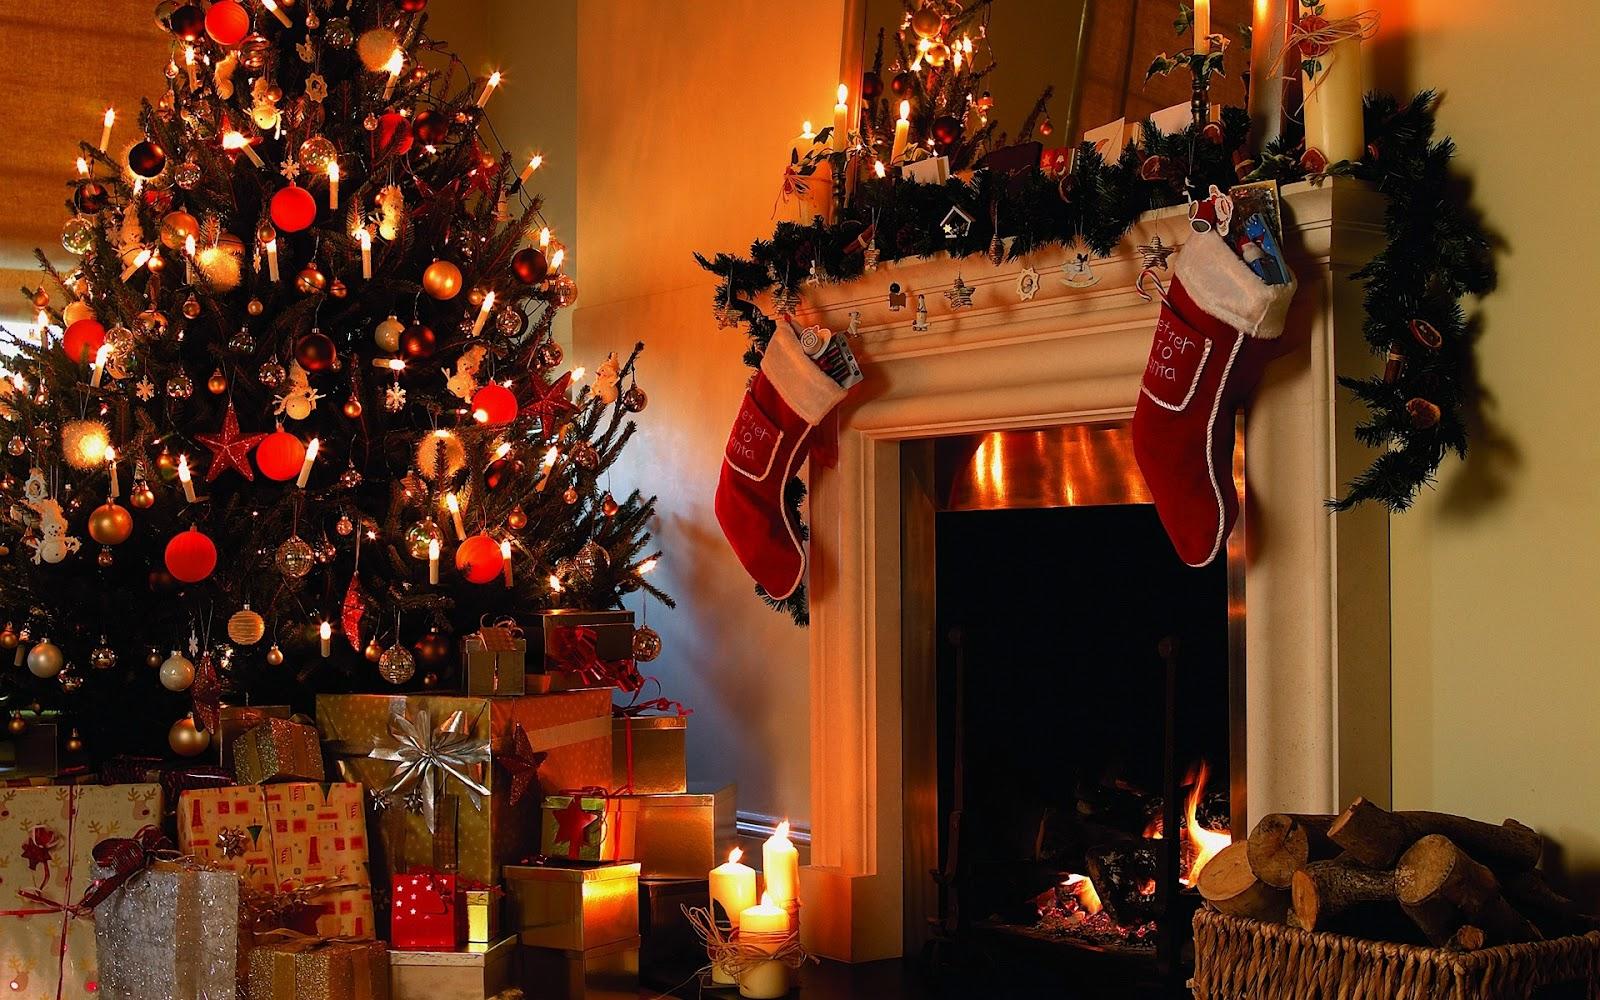 http://1.bp.blogspot.com/-cMg6GMEUZGM/UD4IrlMC65I/AAAAAAAABio/5vGz-krP_Vg/s1600/hd-kerst-achtergrond-met-kerstboom-cadeautjes-en-open-haard-hd-kerst-wallpaper-foto.jpg